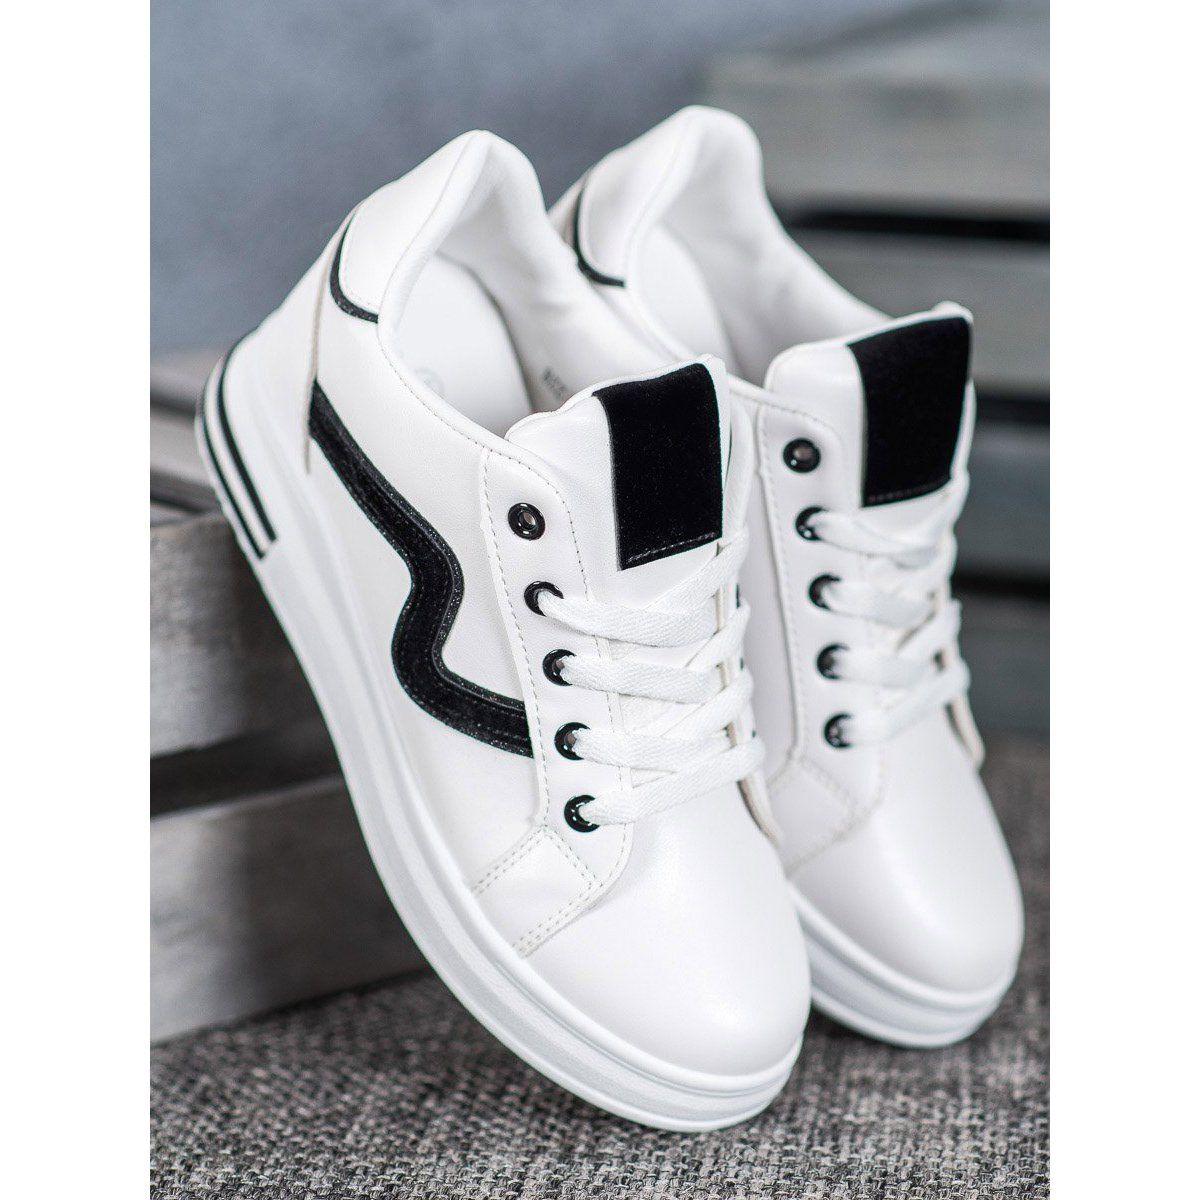 Shelovet Buty Sportowe Z Ukryta Koturna Biale Czarne Shoes White Sneaker Sneakers